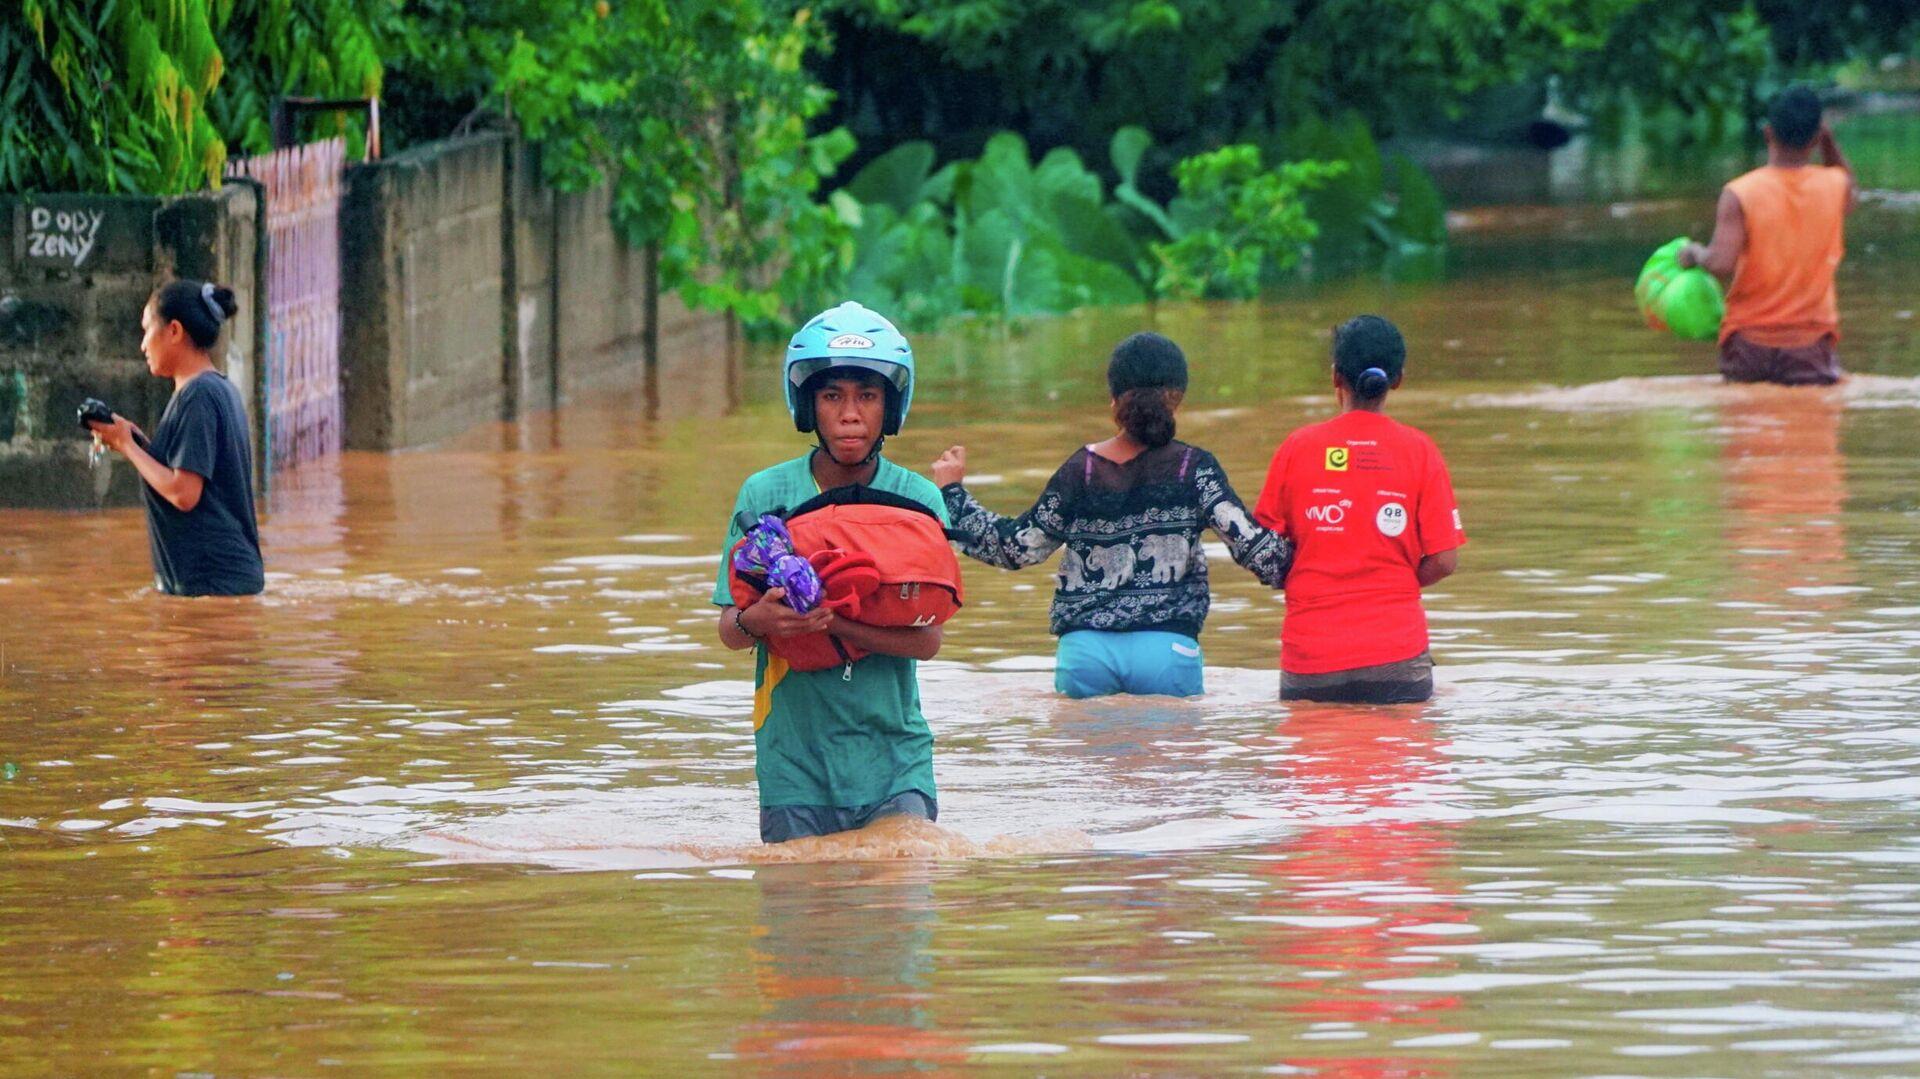 Наводнение в Восточном Тиморе. 4 апреля 2021 - РИА Новости, 1920, 05.04.2021